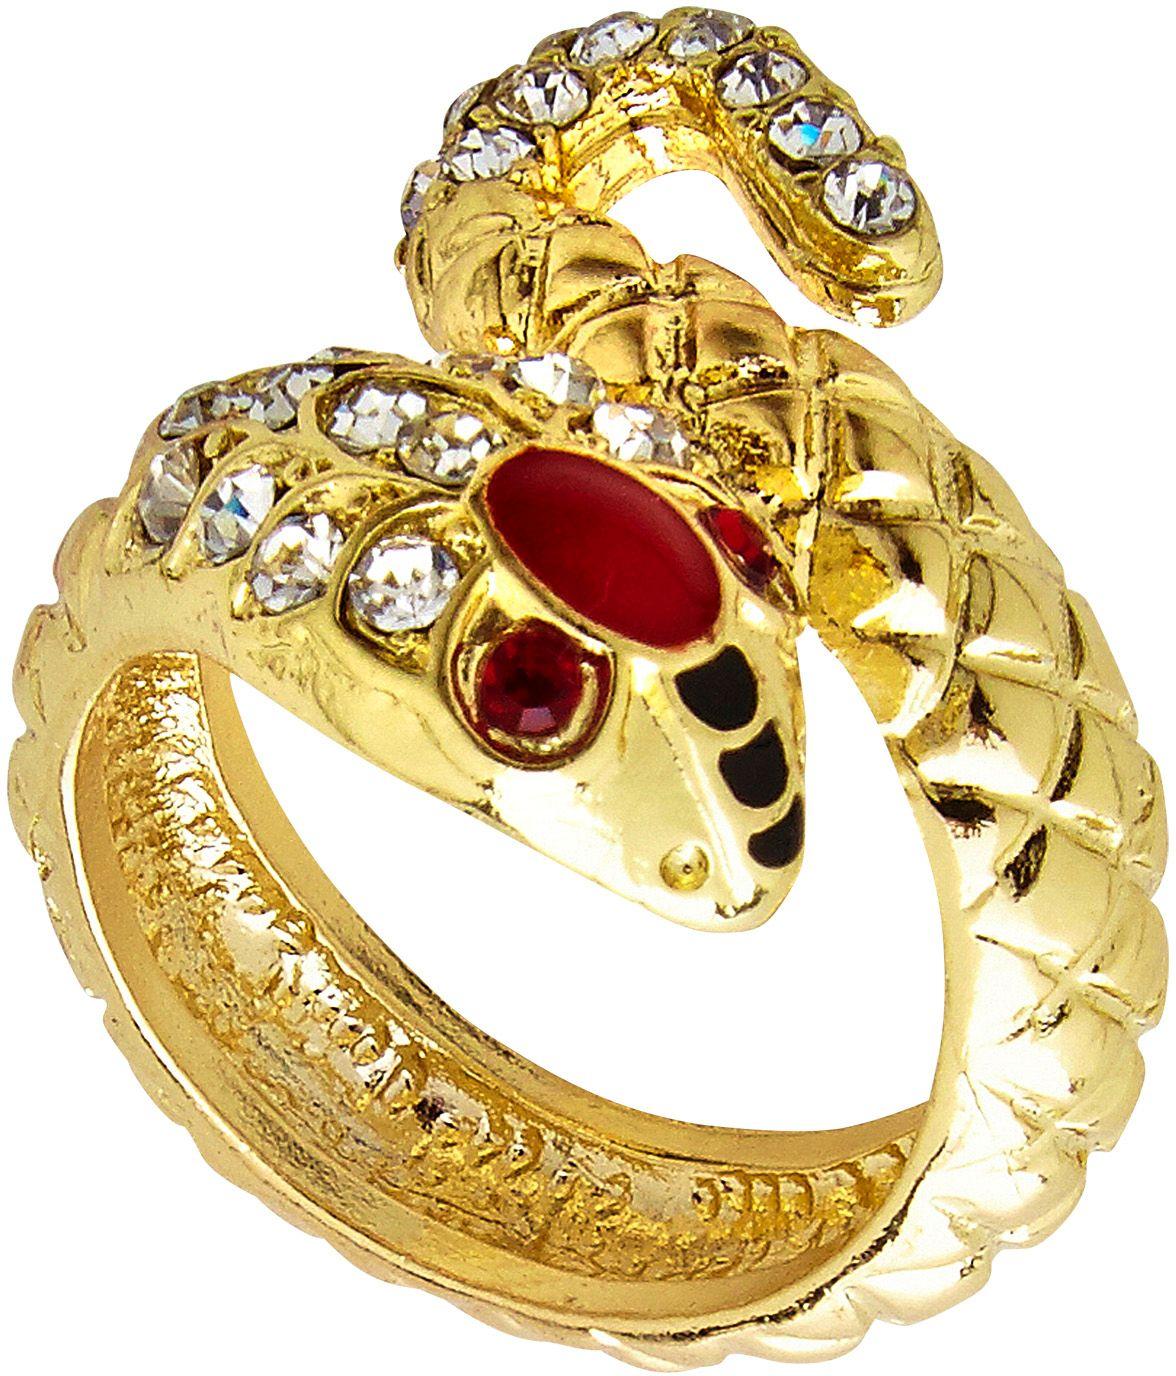 Gouden slangen ring met edelsteen